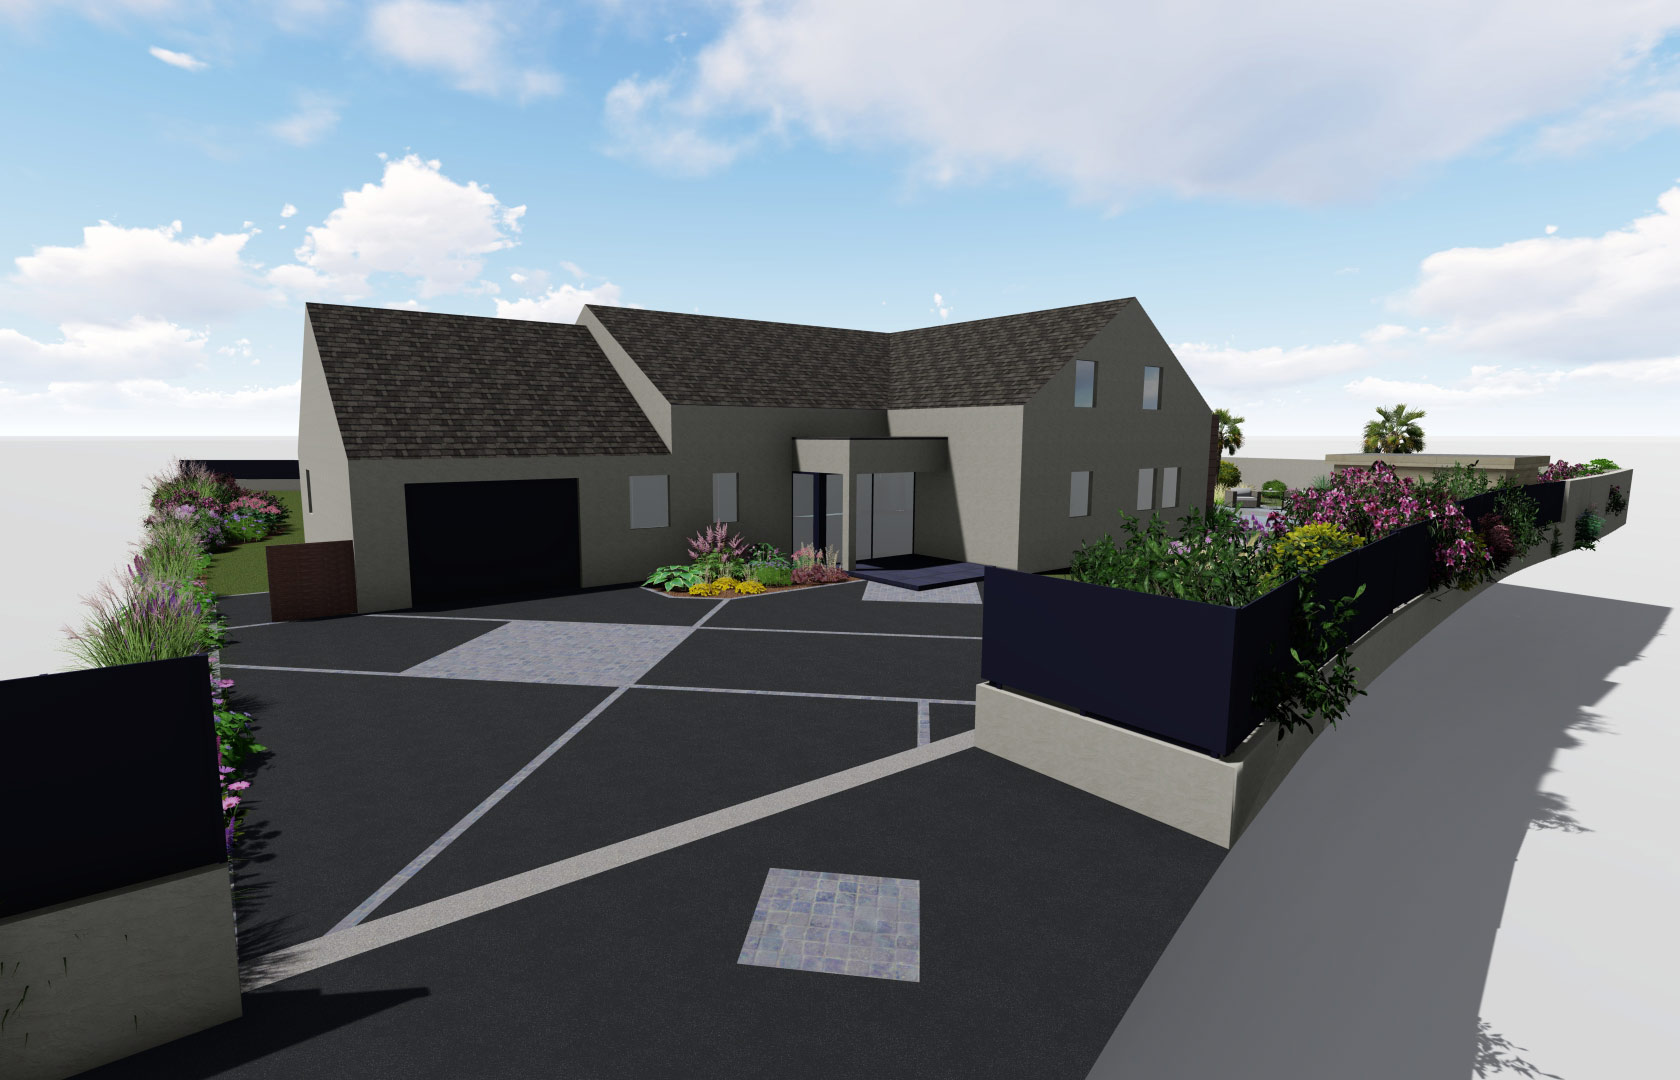 Serrault Jardins, imagine votre accès de garage en enrobé et pierres bleues.